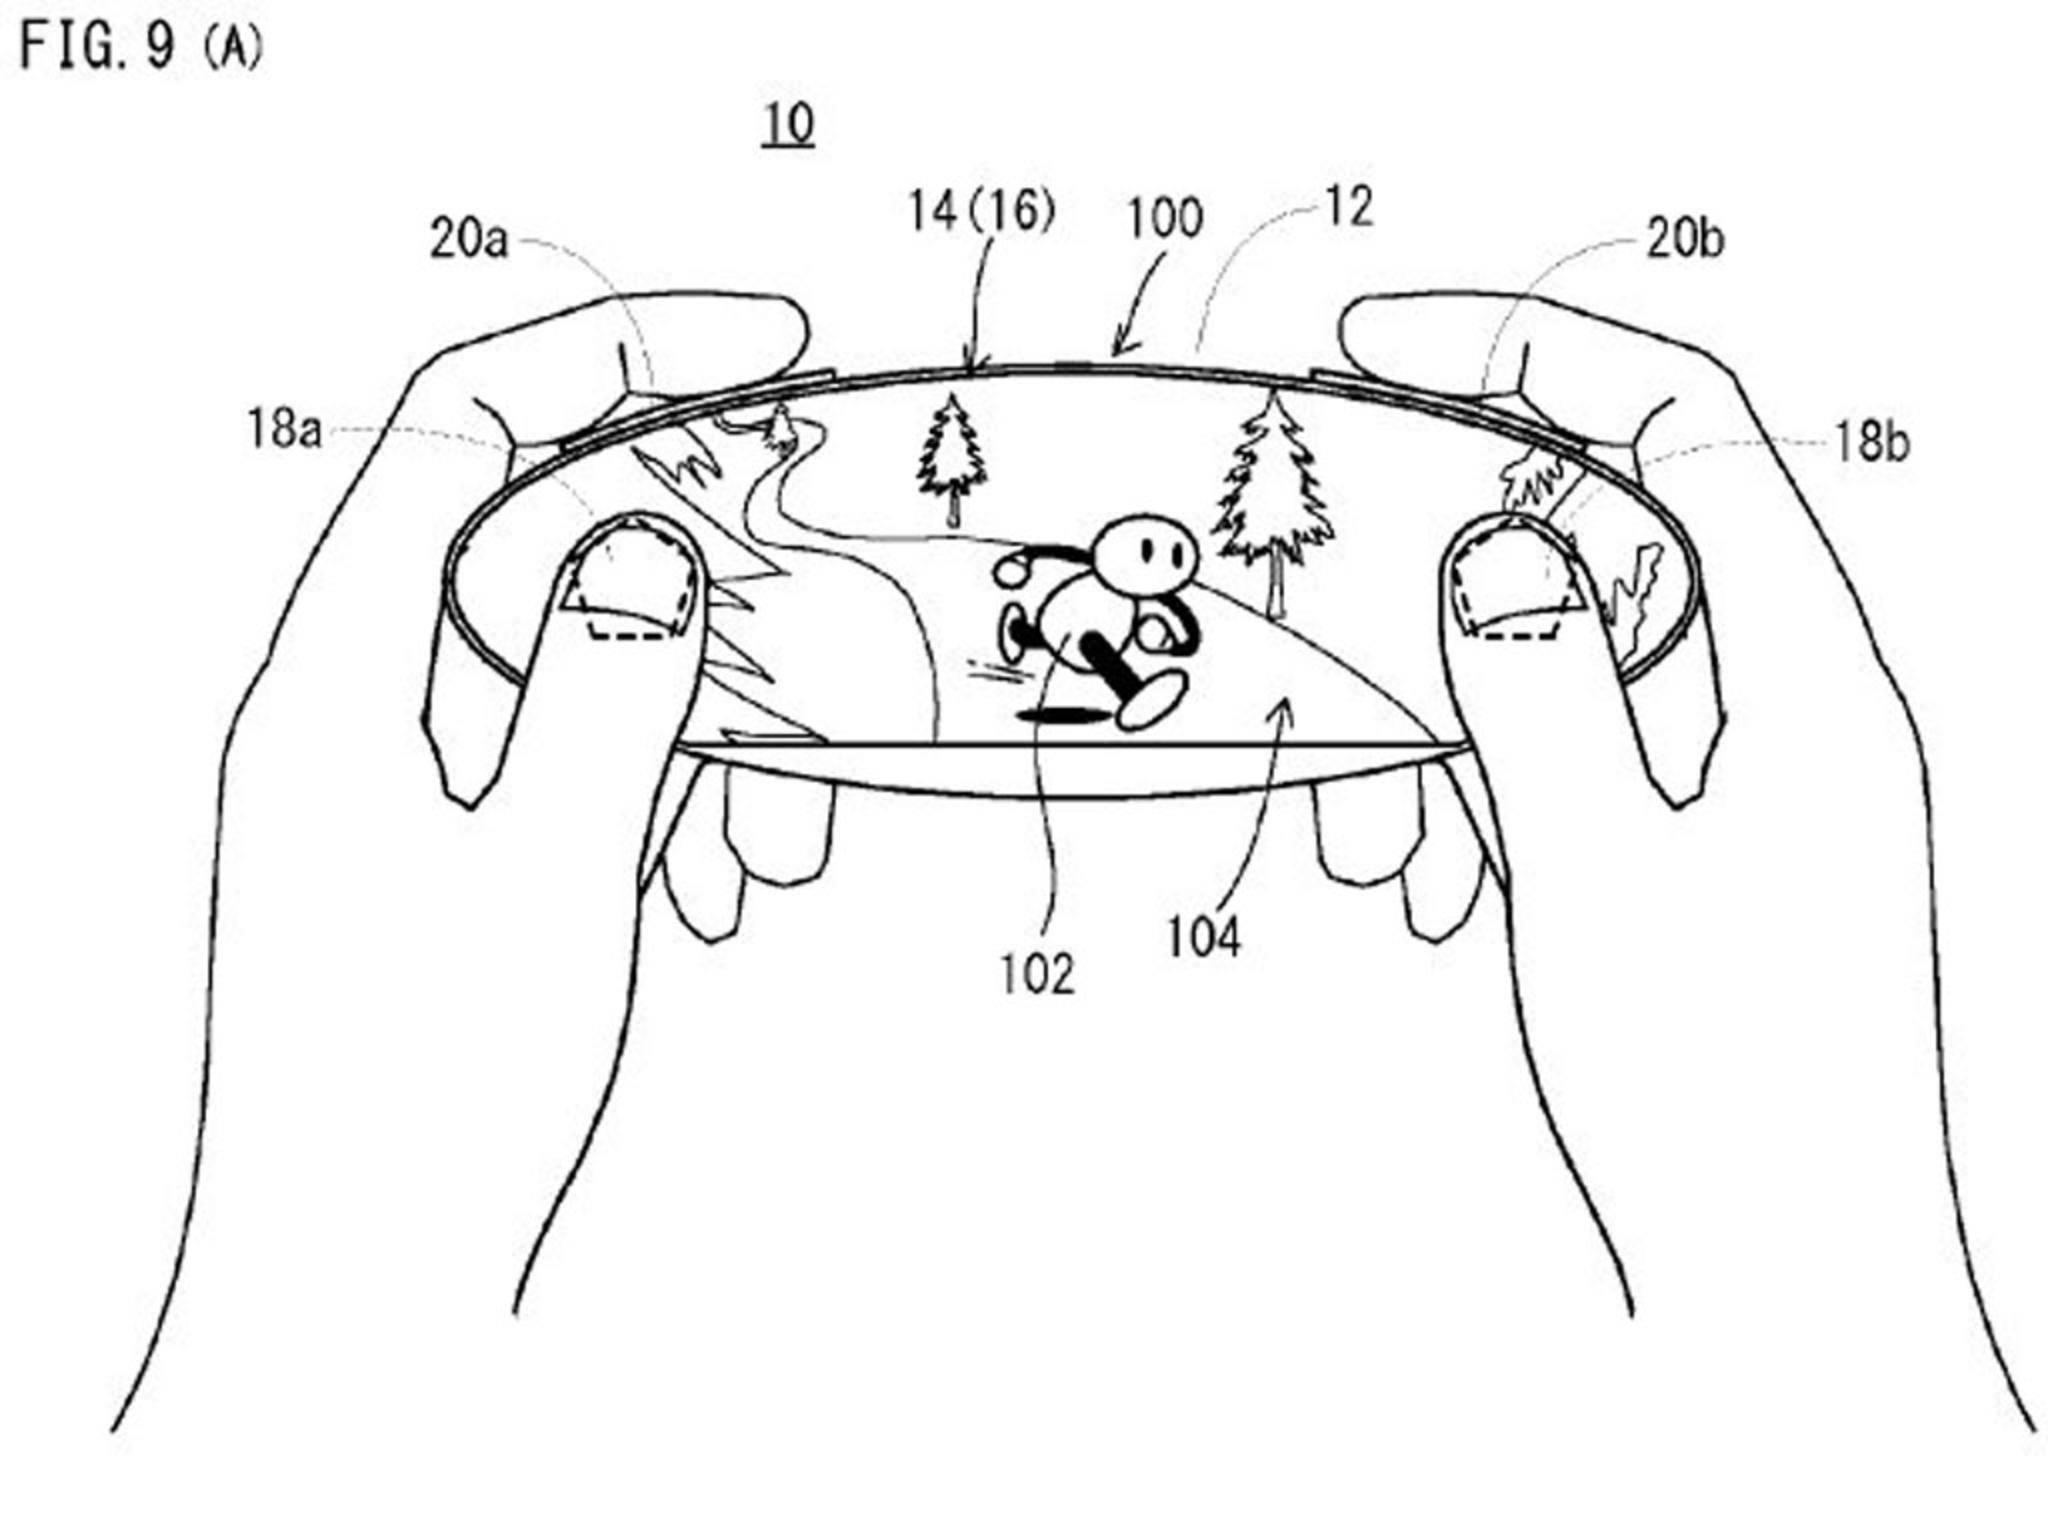 Das ist das Patent, dem das geleakte Bild ähnelt, und ...